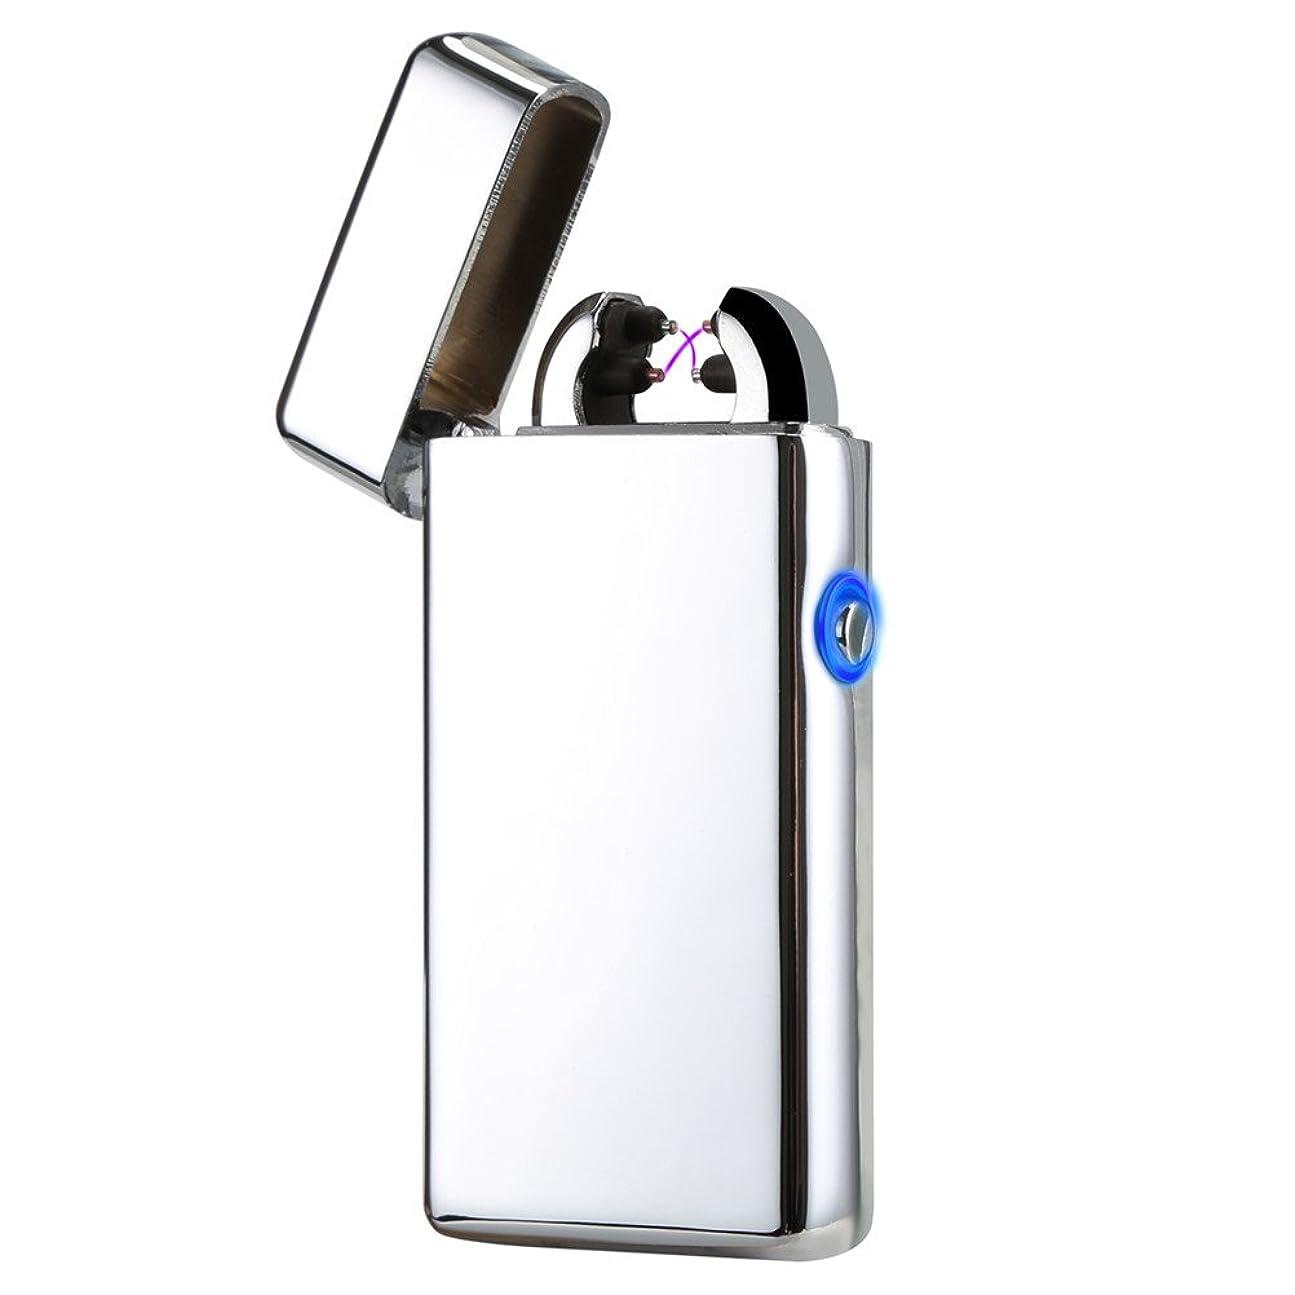 直径許される打撃KIVORS ライター 電子ライター USB充電式 プラズマ ターボライター ガス オイル要らない プレゼント (シルバー)